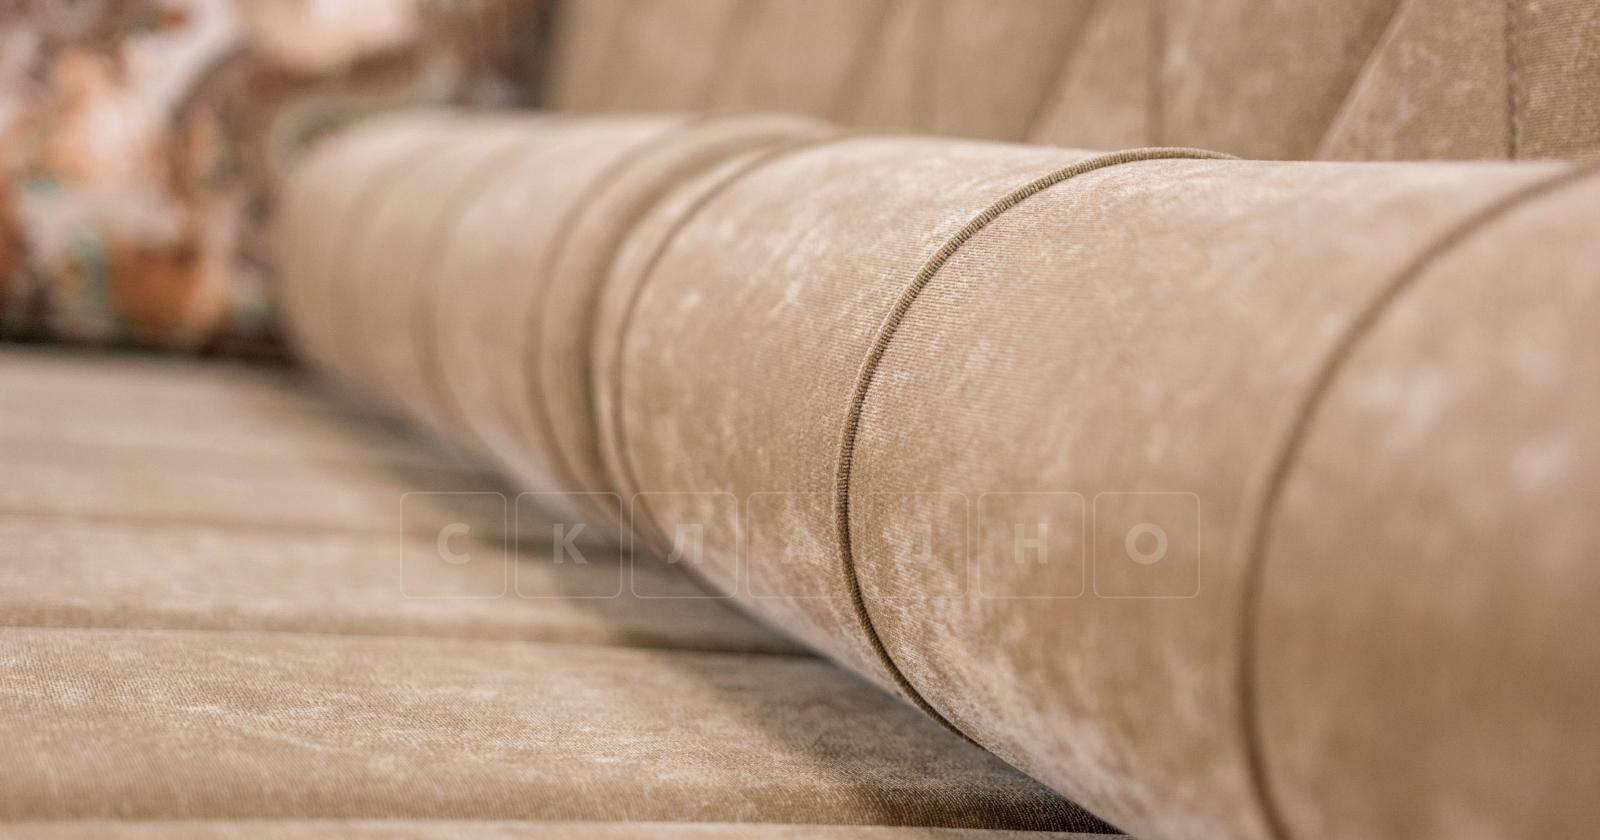 Диван-кровать Роза бежево-песочный фото 9 | интернет-магазин Складно